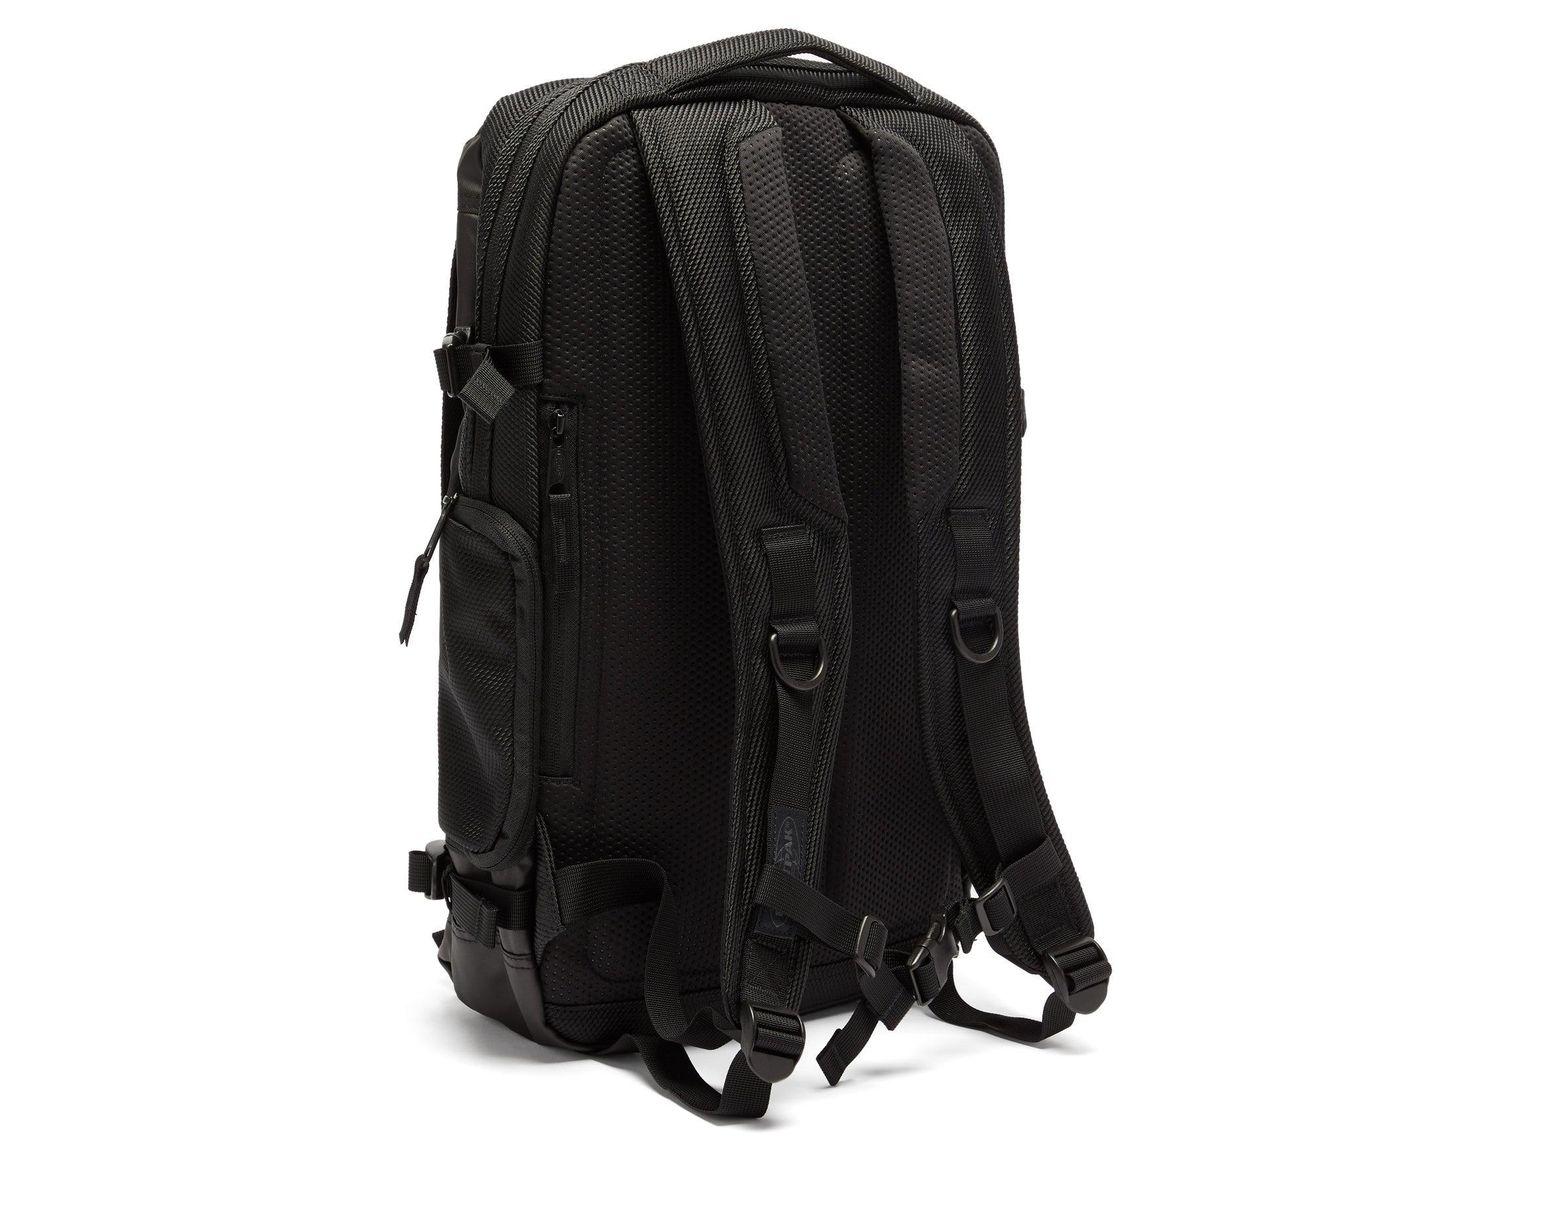 d3e98f84ab3 Eastpak Tecum M Backpack in Black for Men - Lyst